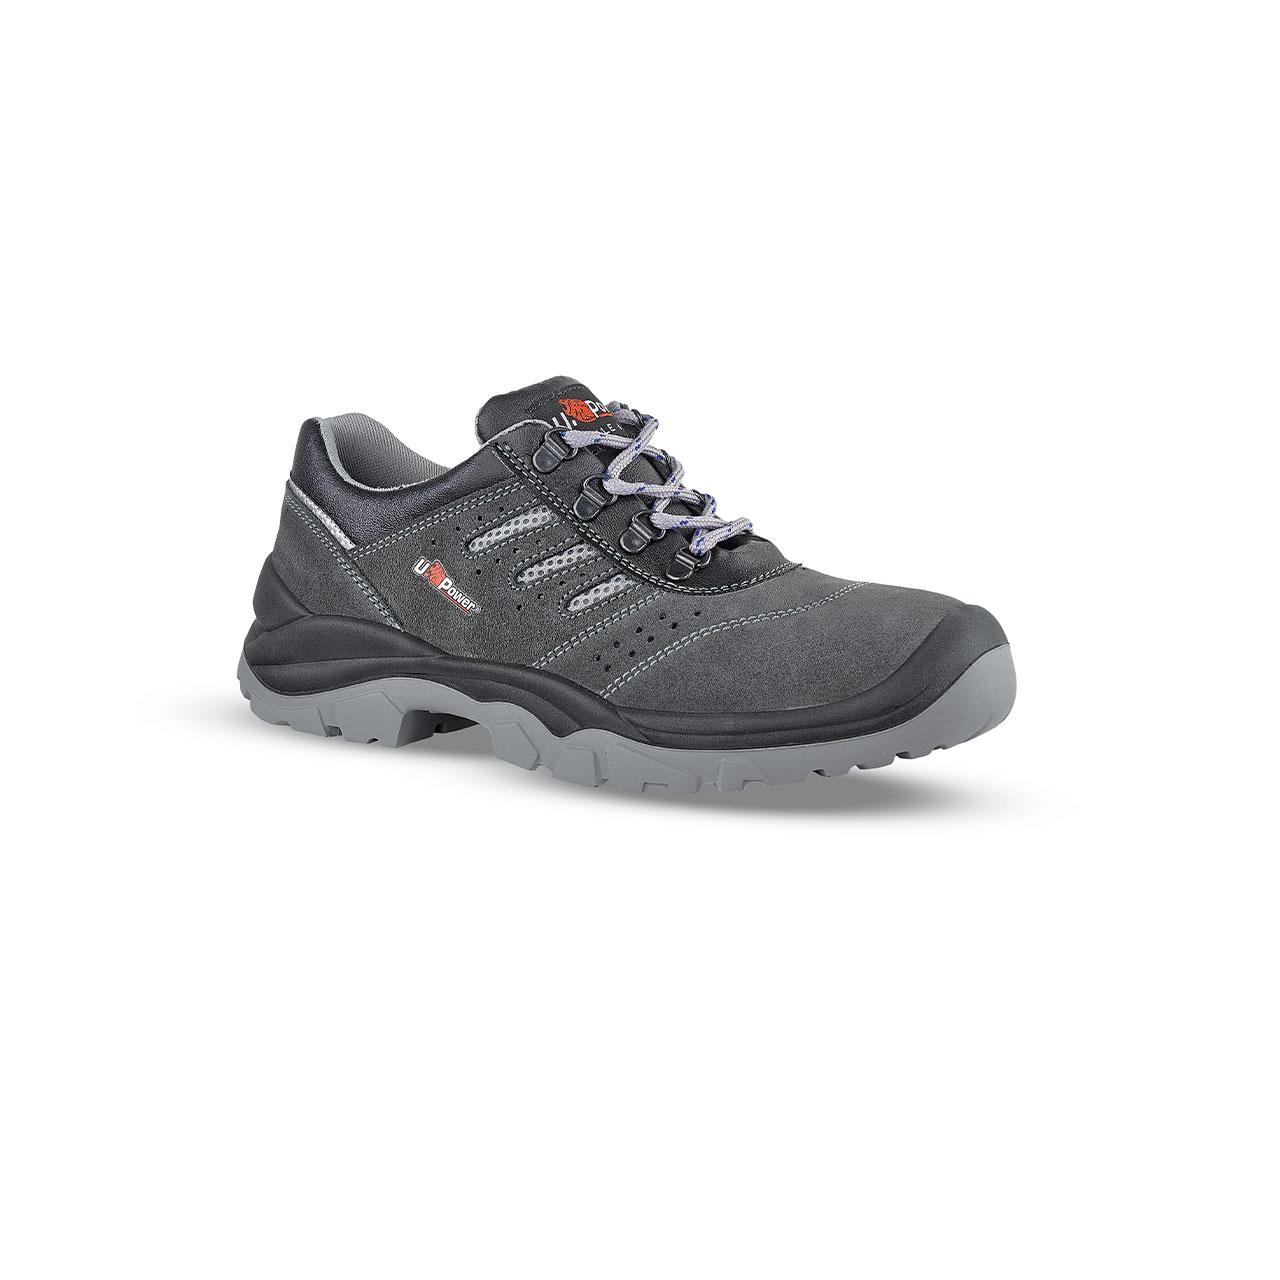 scarpa antinfortunistica upower modello bell linea STYLE_JOB vista laterale